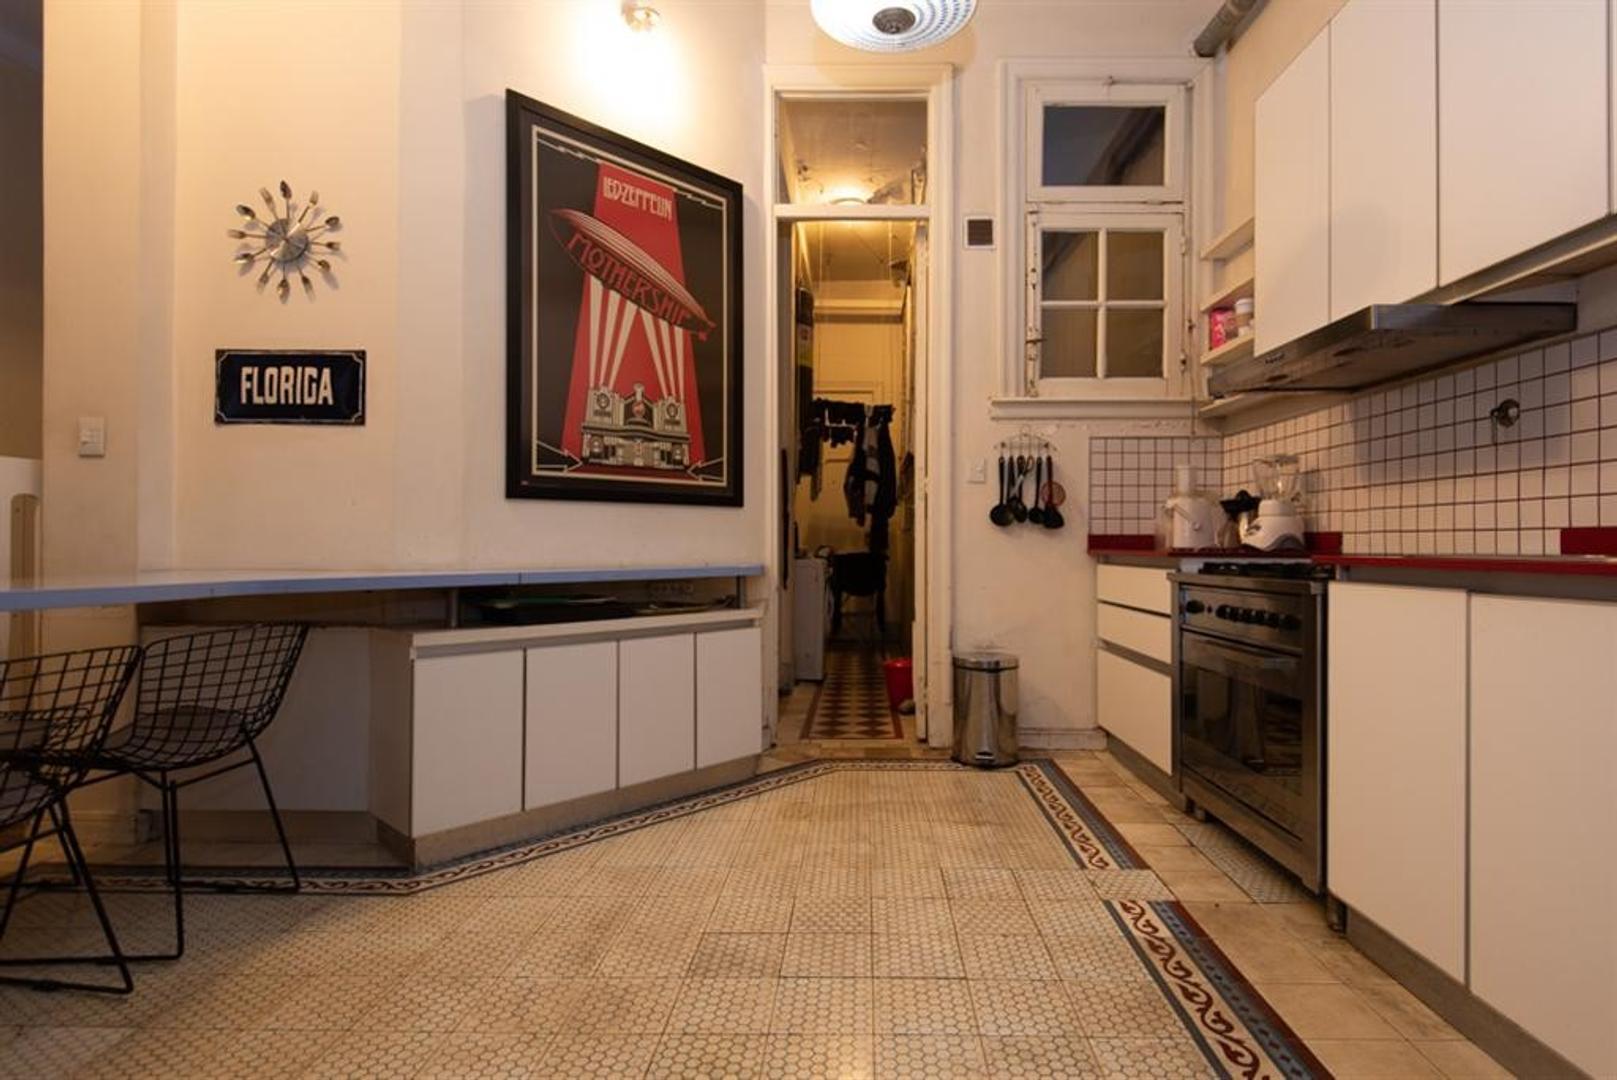 Muy buen departamento antiguo, reciclado, en esquina. Luminoso, excelentes detalles - Foto 29